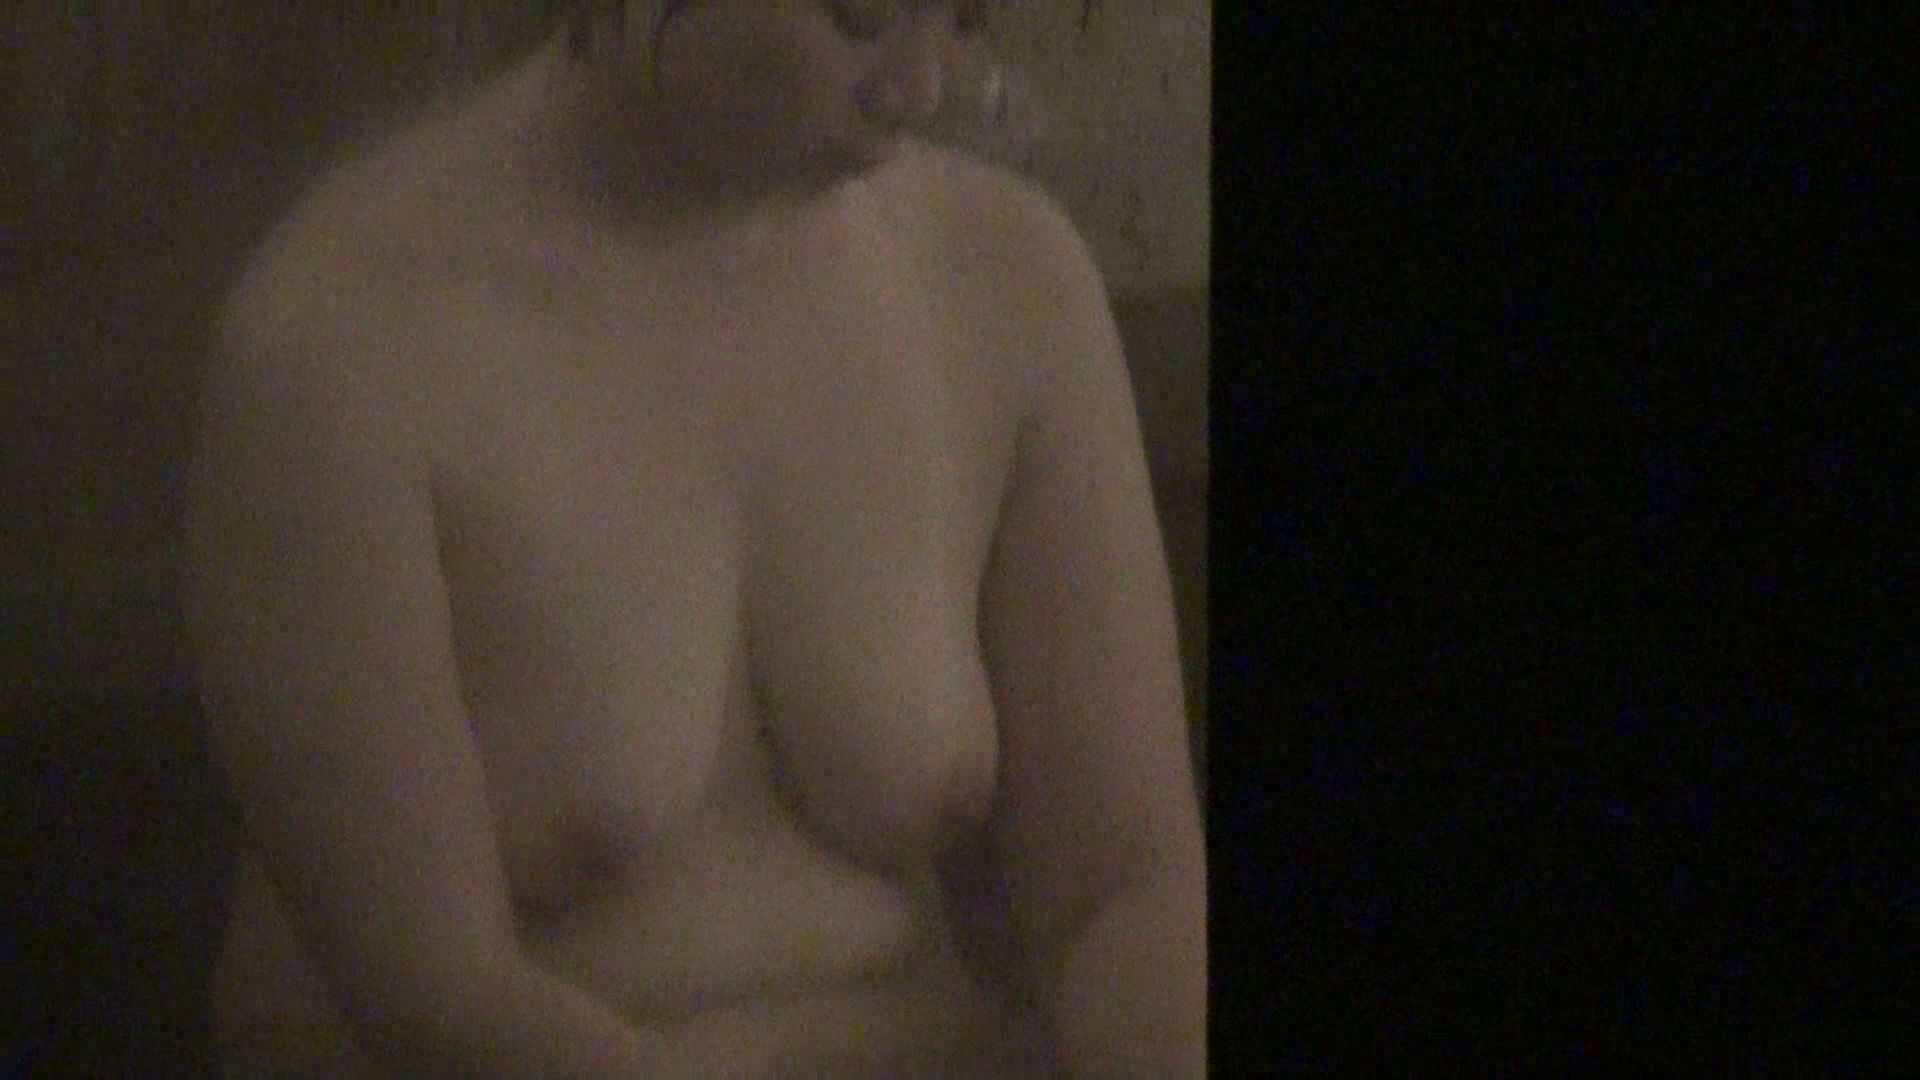 Aquaな露天風呂Vol.321 女体盗撮 | 露天  56連発 16